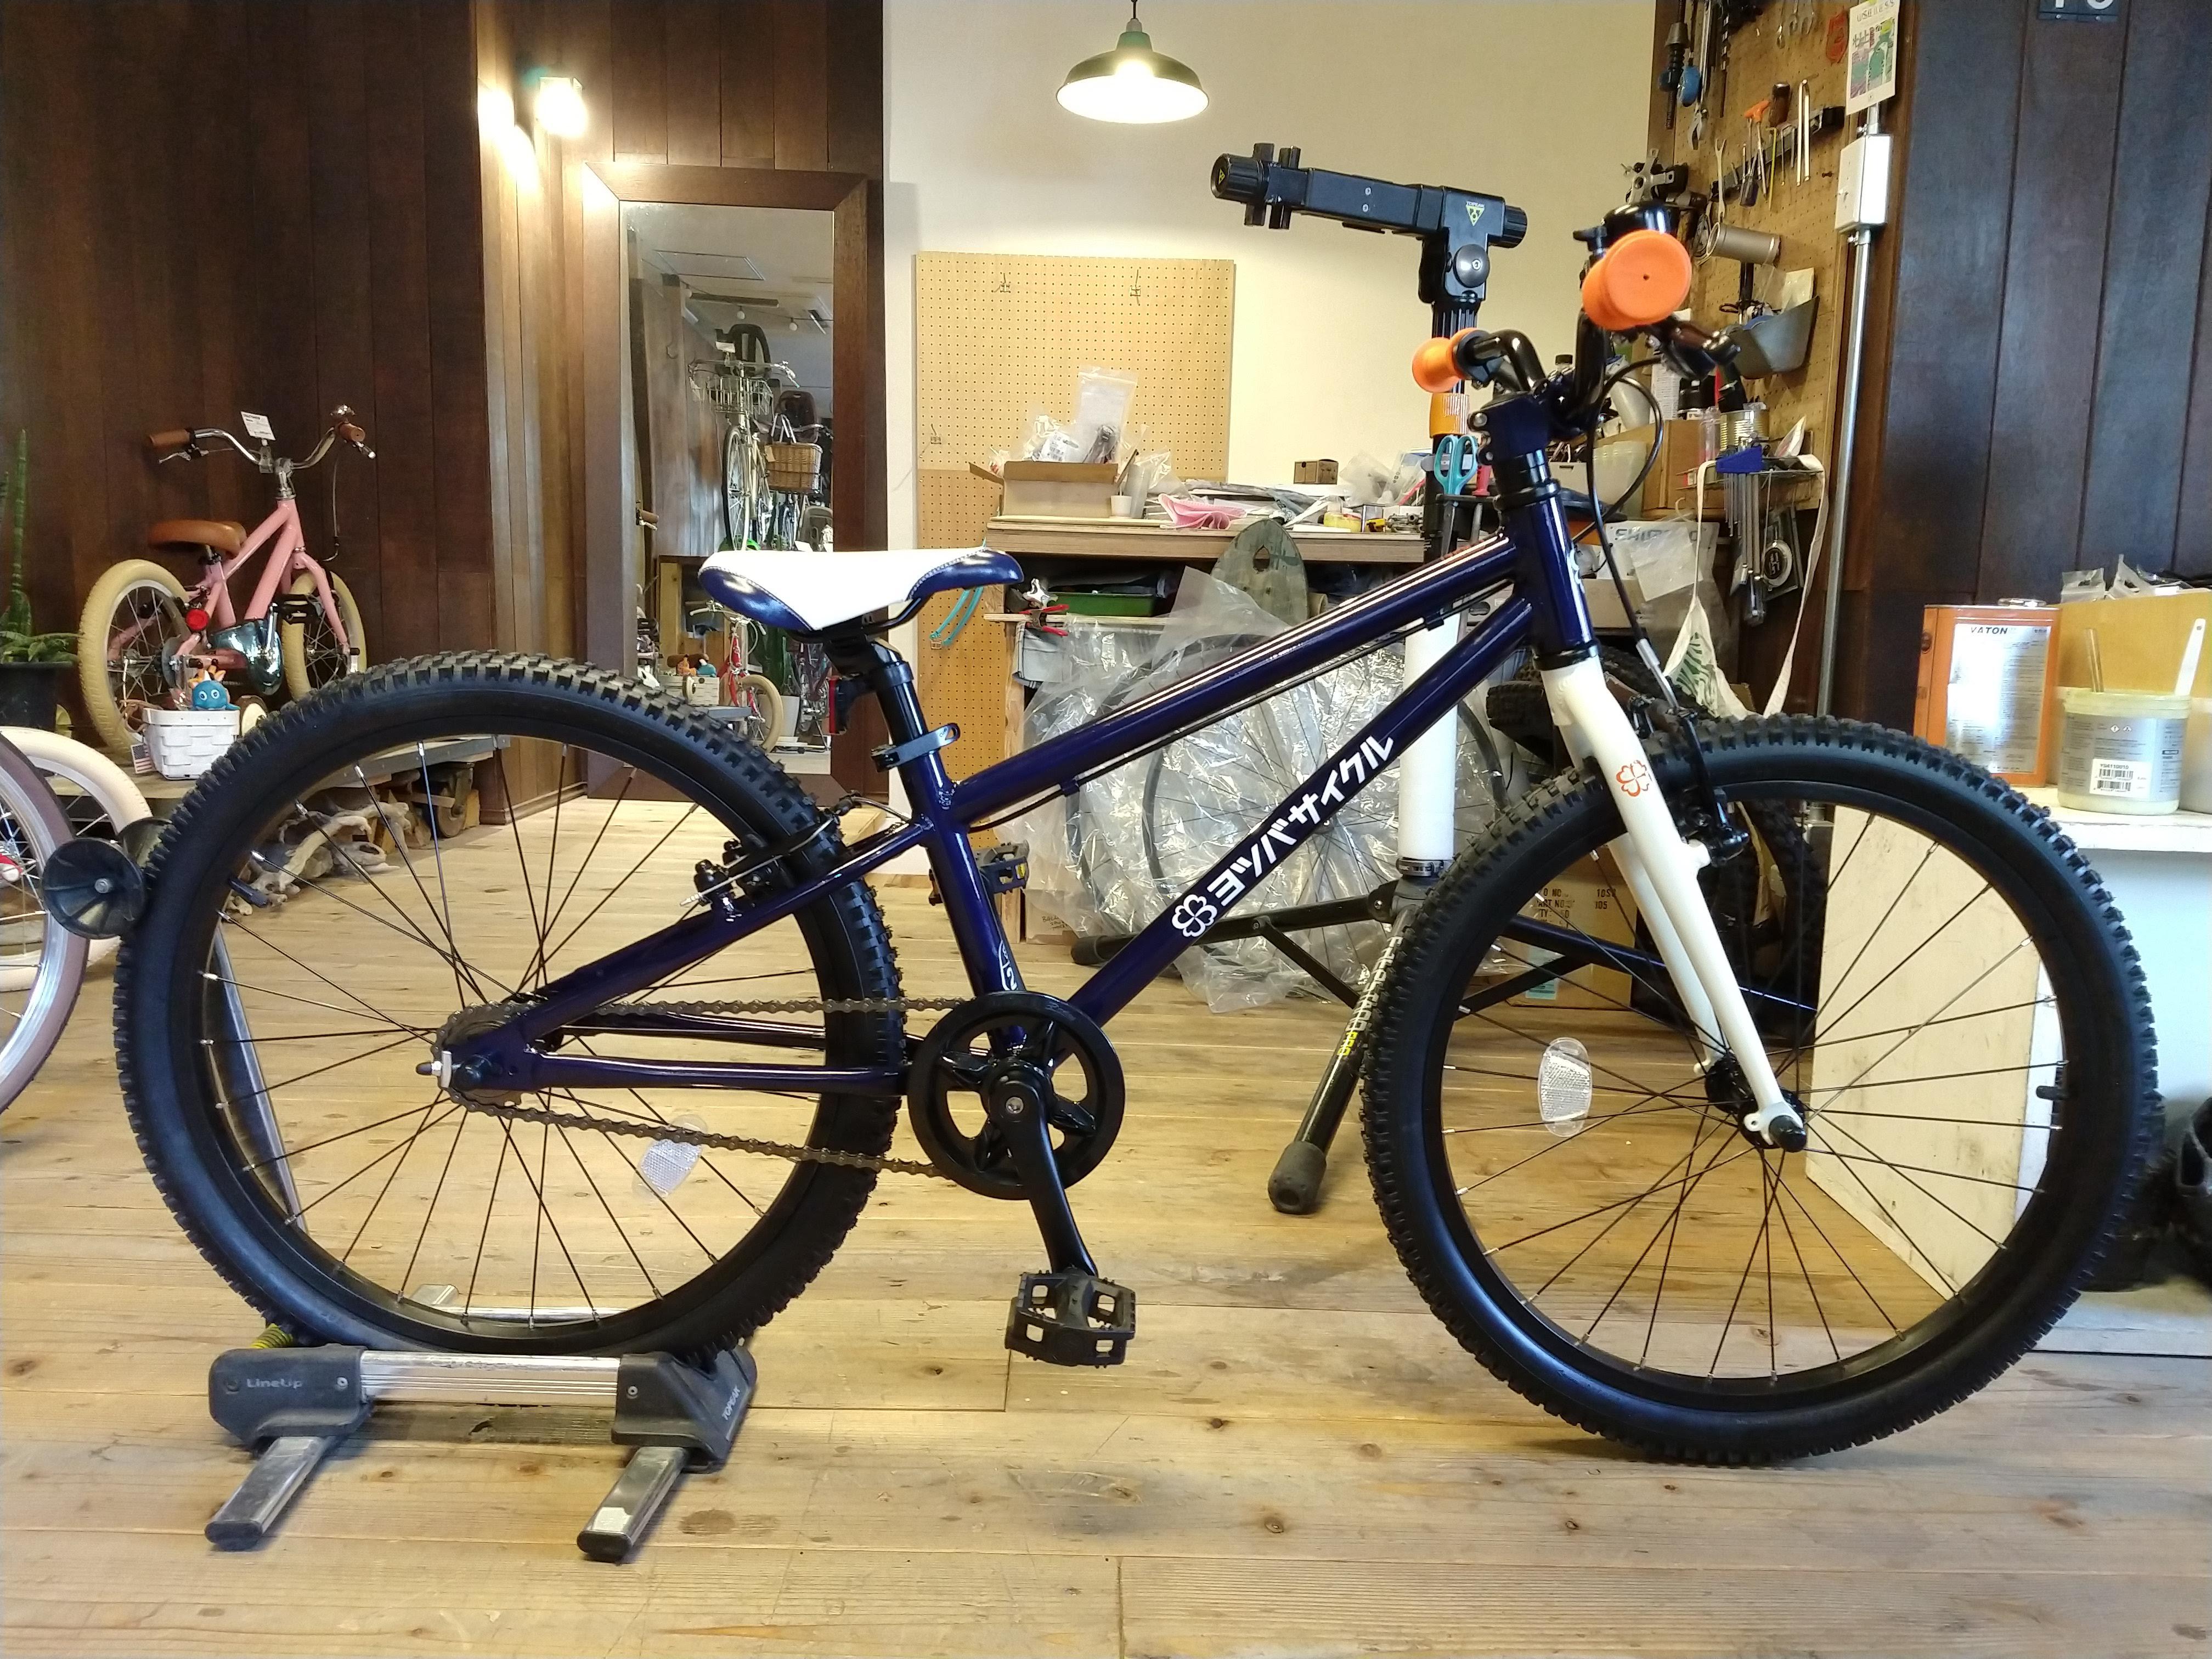 僕が今欲しいのはこんな自転車。ヨツバサイクル22インチと20インチ